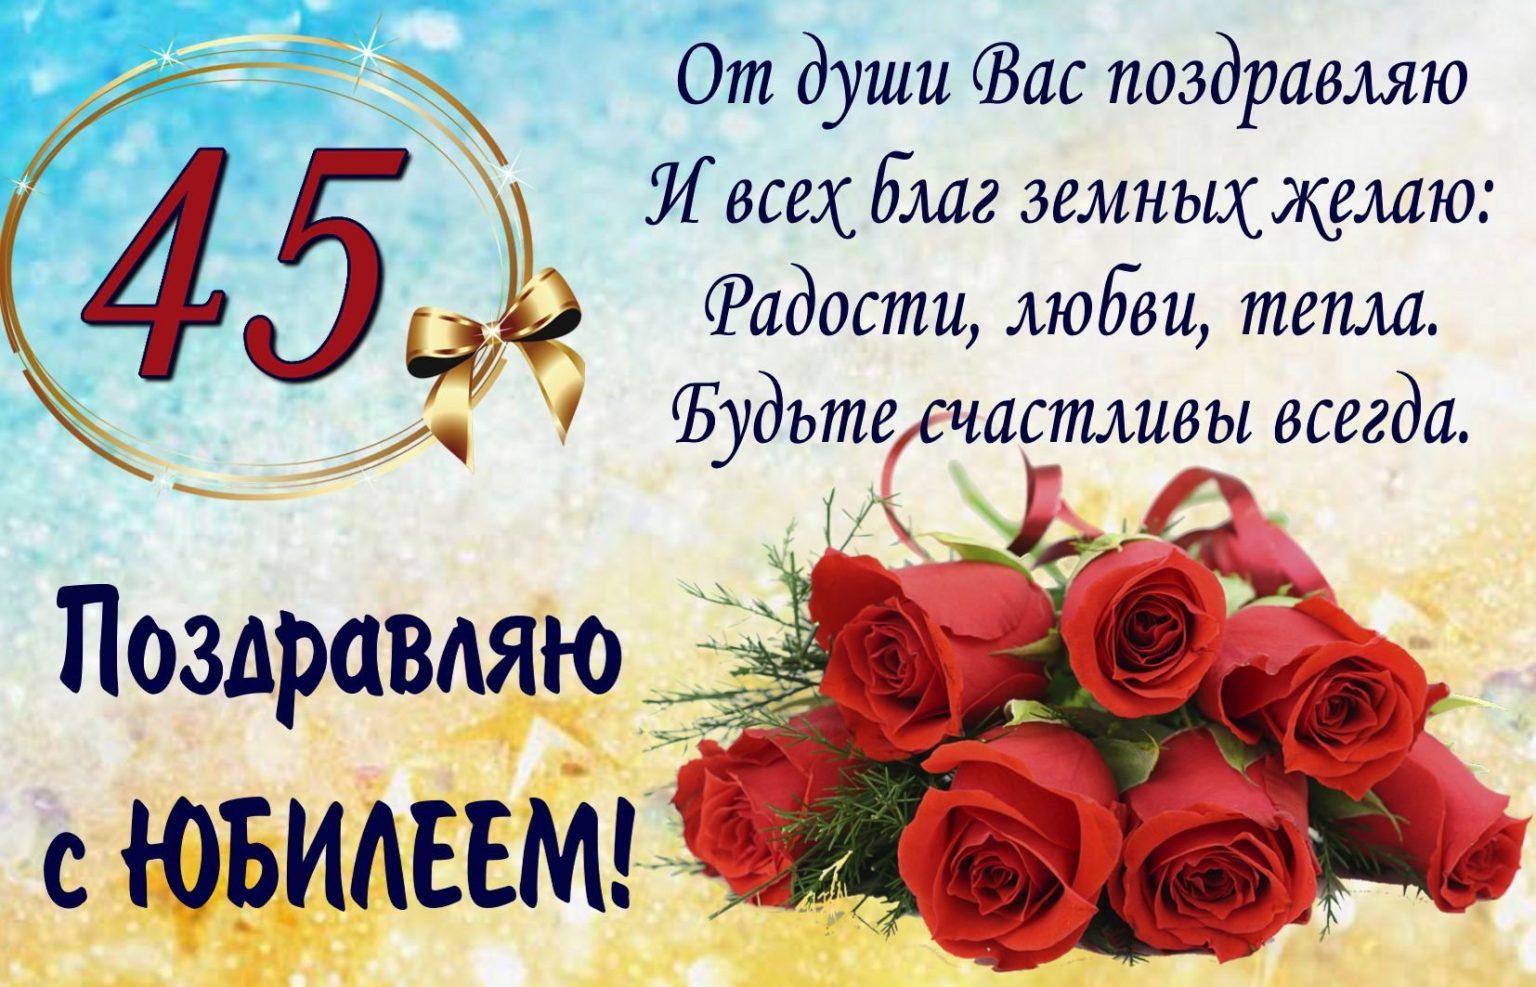 том, поздравления к 45 летию с частушками народ